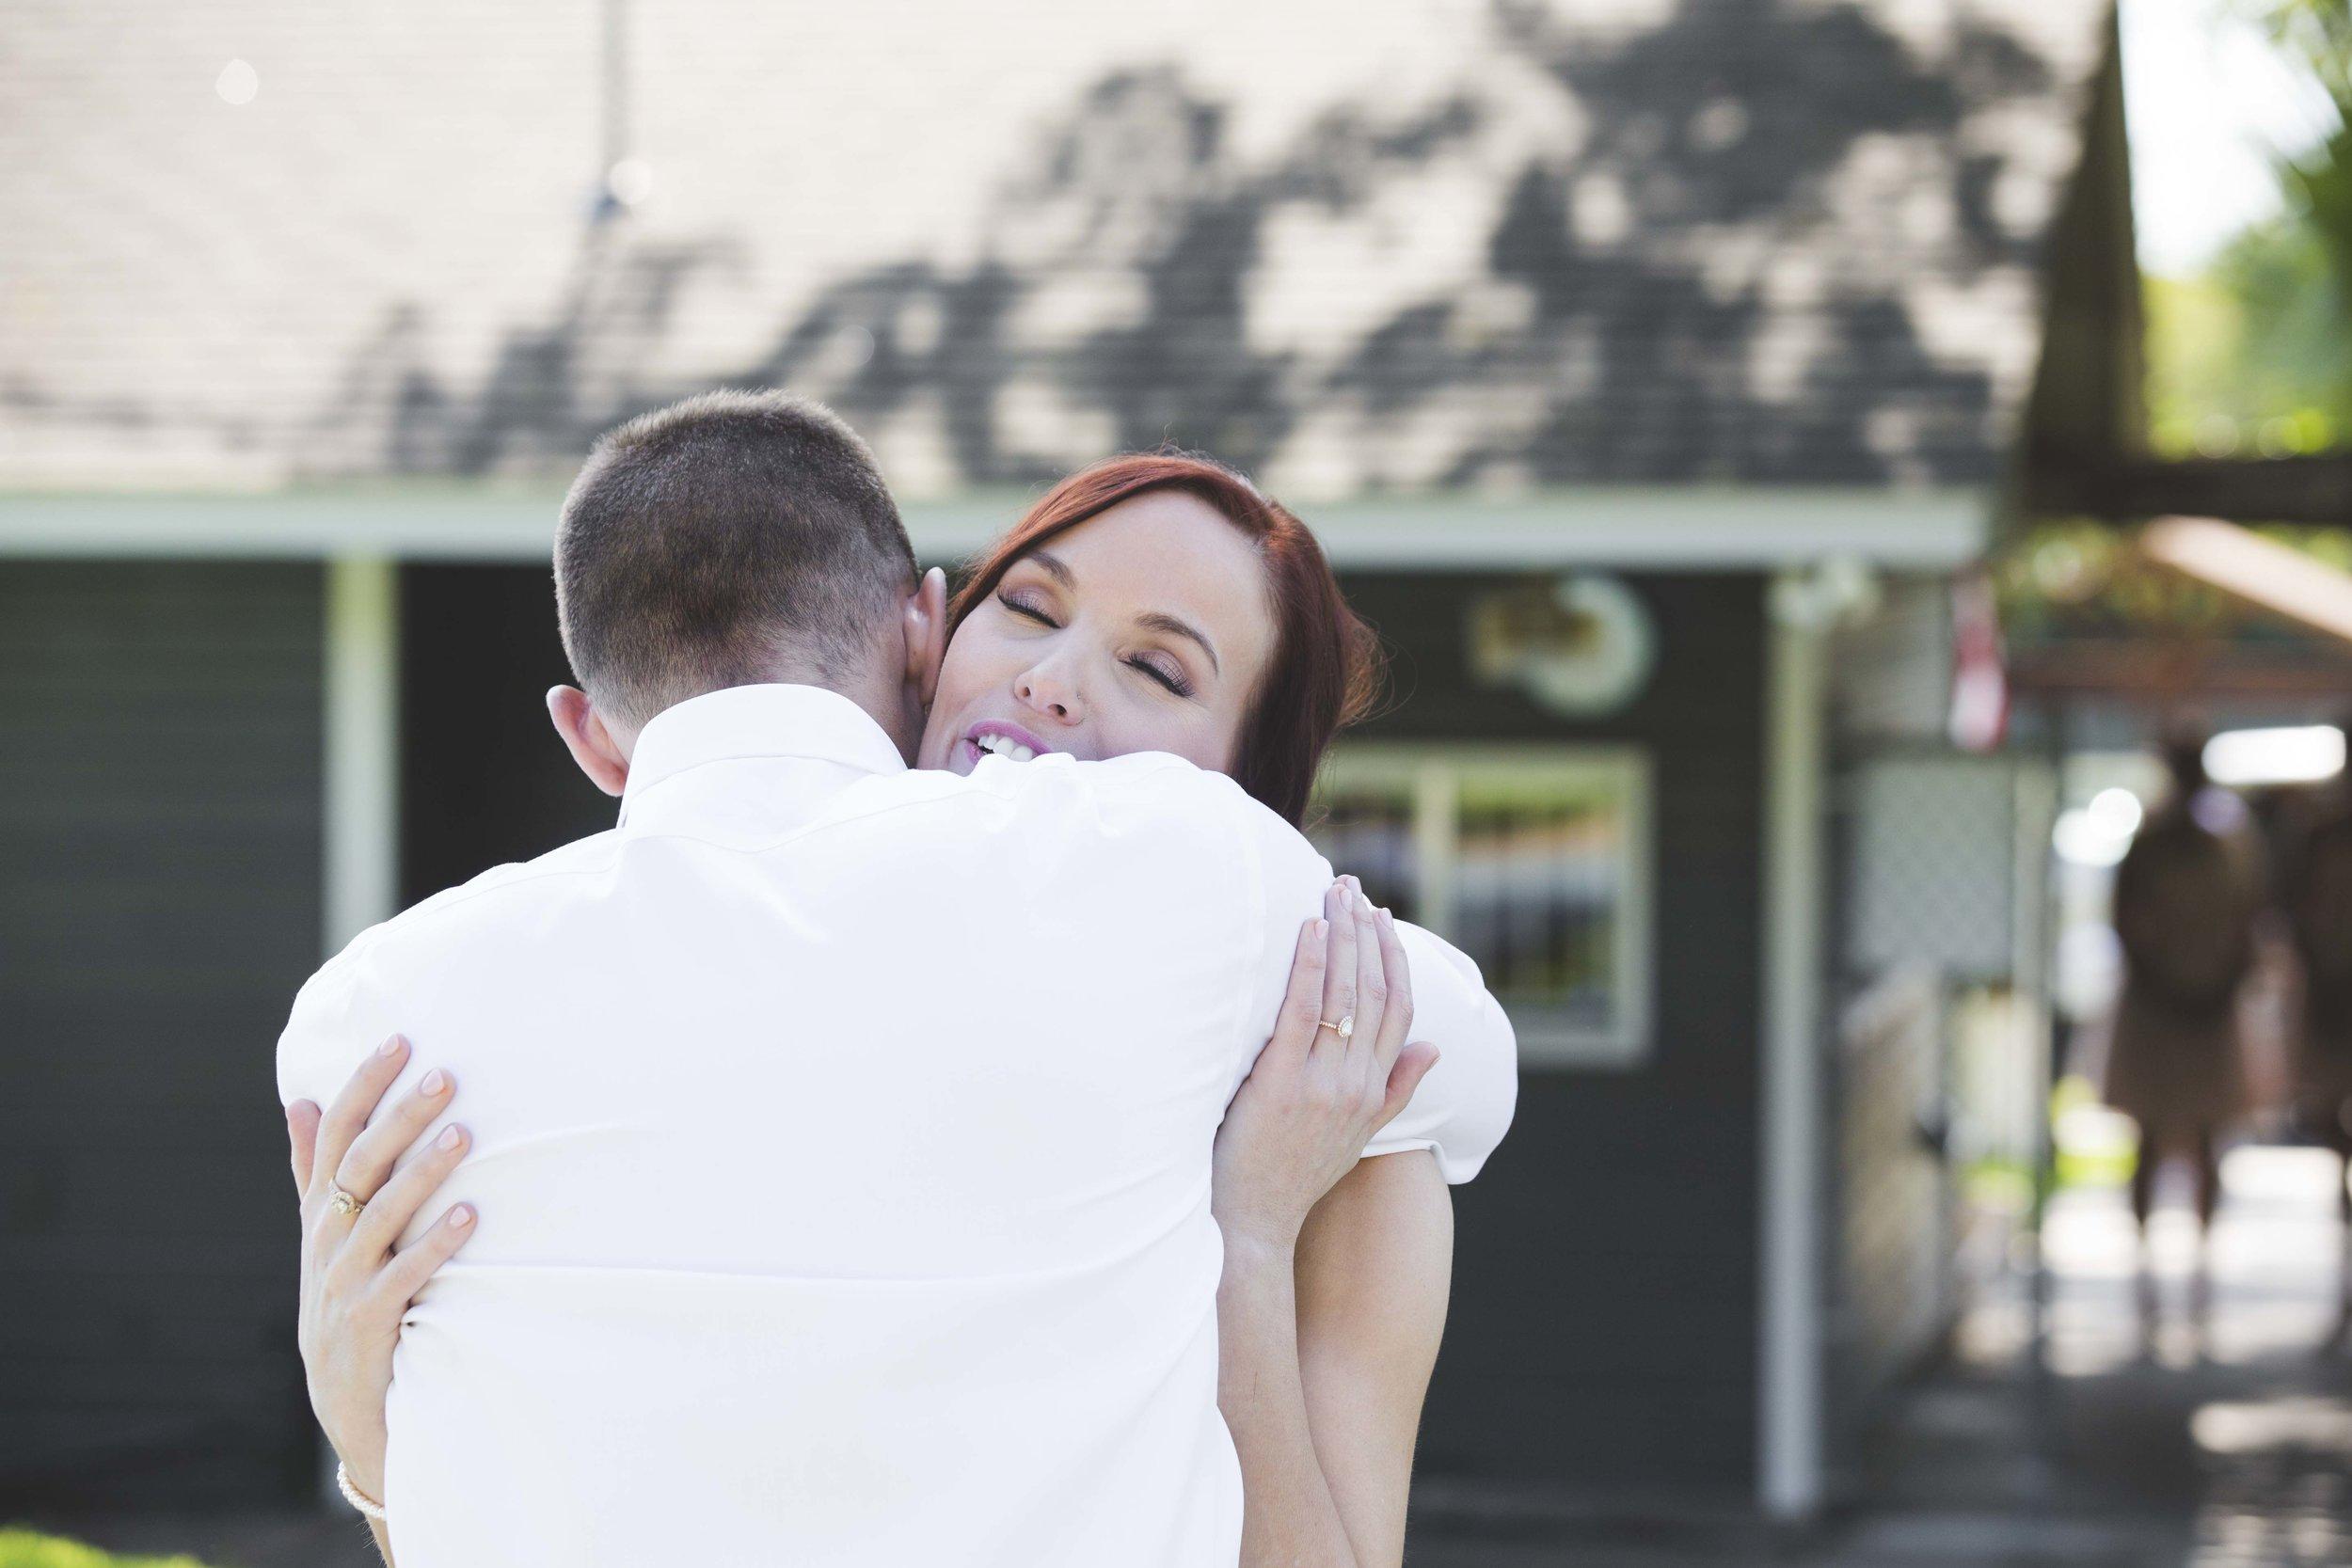 ATGI_Susanna & Matt Wedding_717A7275.jpg